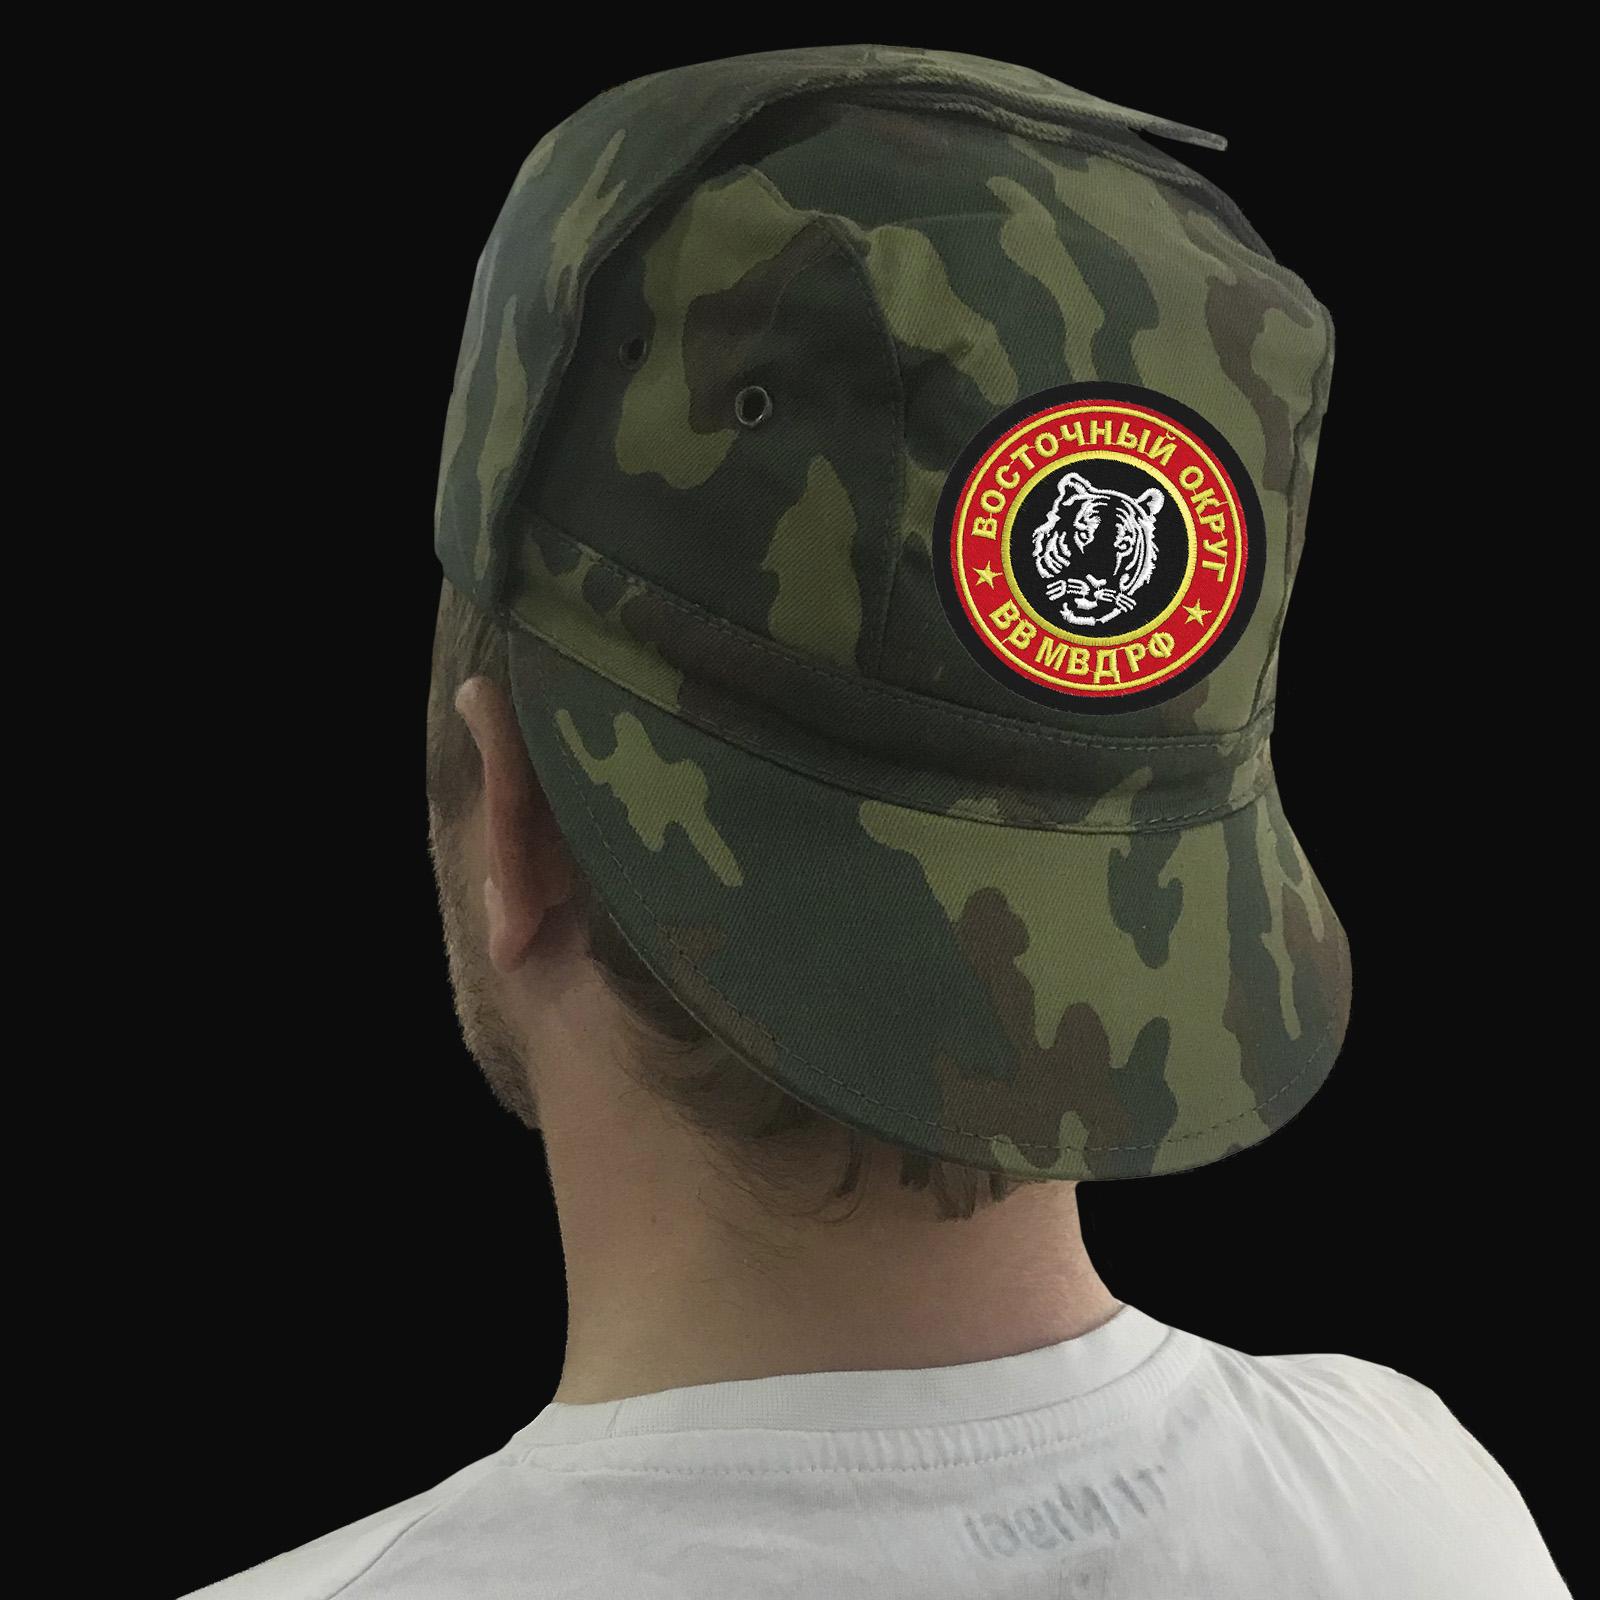 Купить в интернет магазине кепку с символикой ВВ МВД РФ